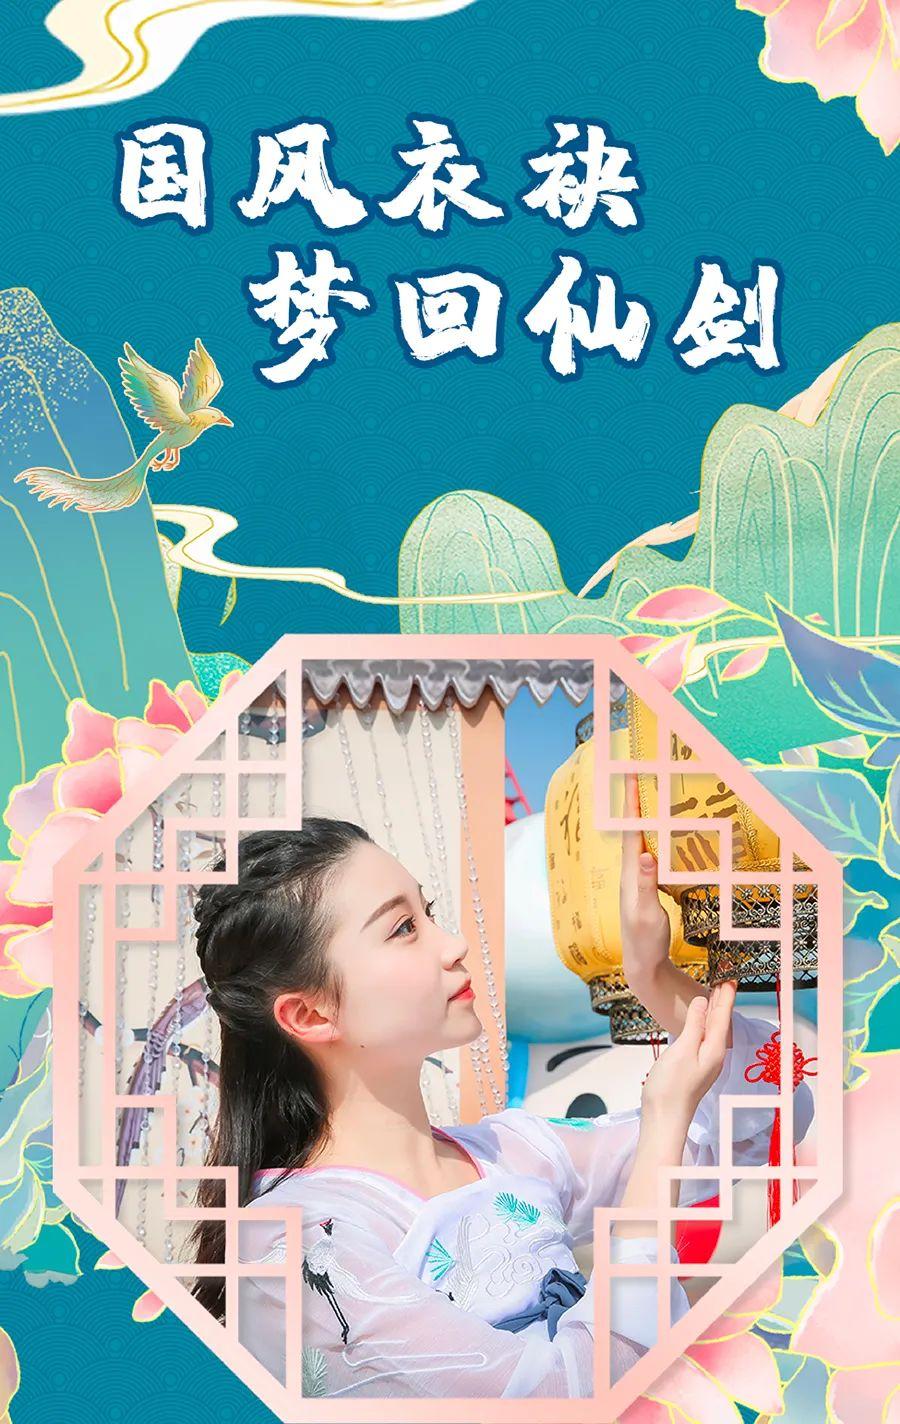 《仙剑》新场景曝光?欢乐谷「国潮文化节」带你玩转国风古韵、动漫嘉年华!-小柚妹站